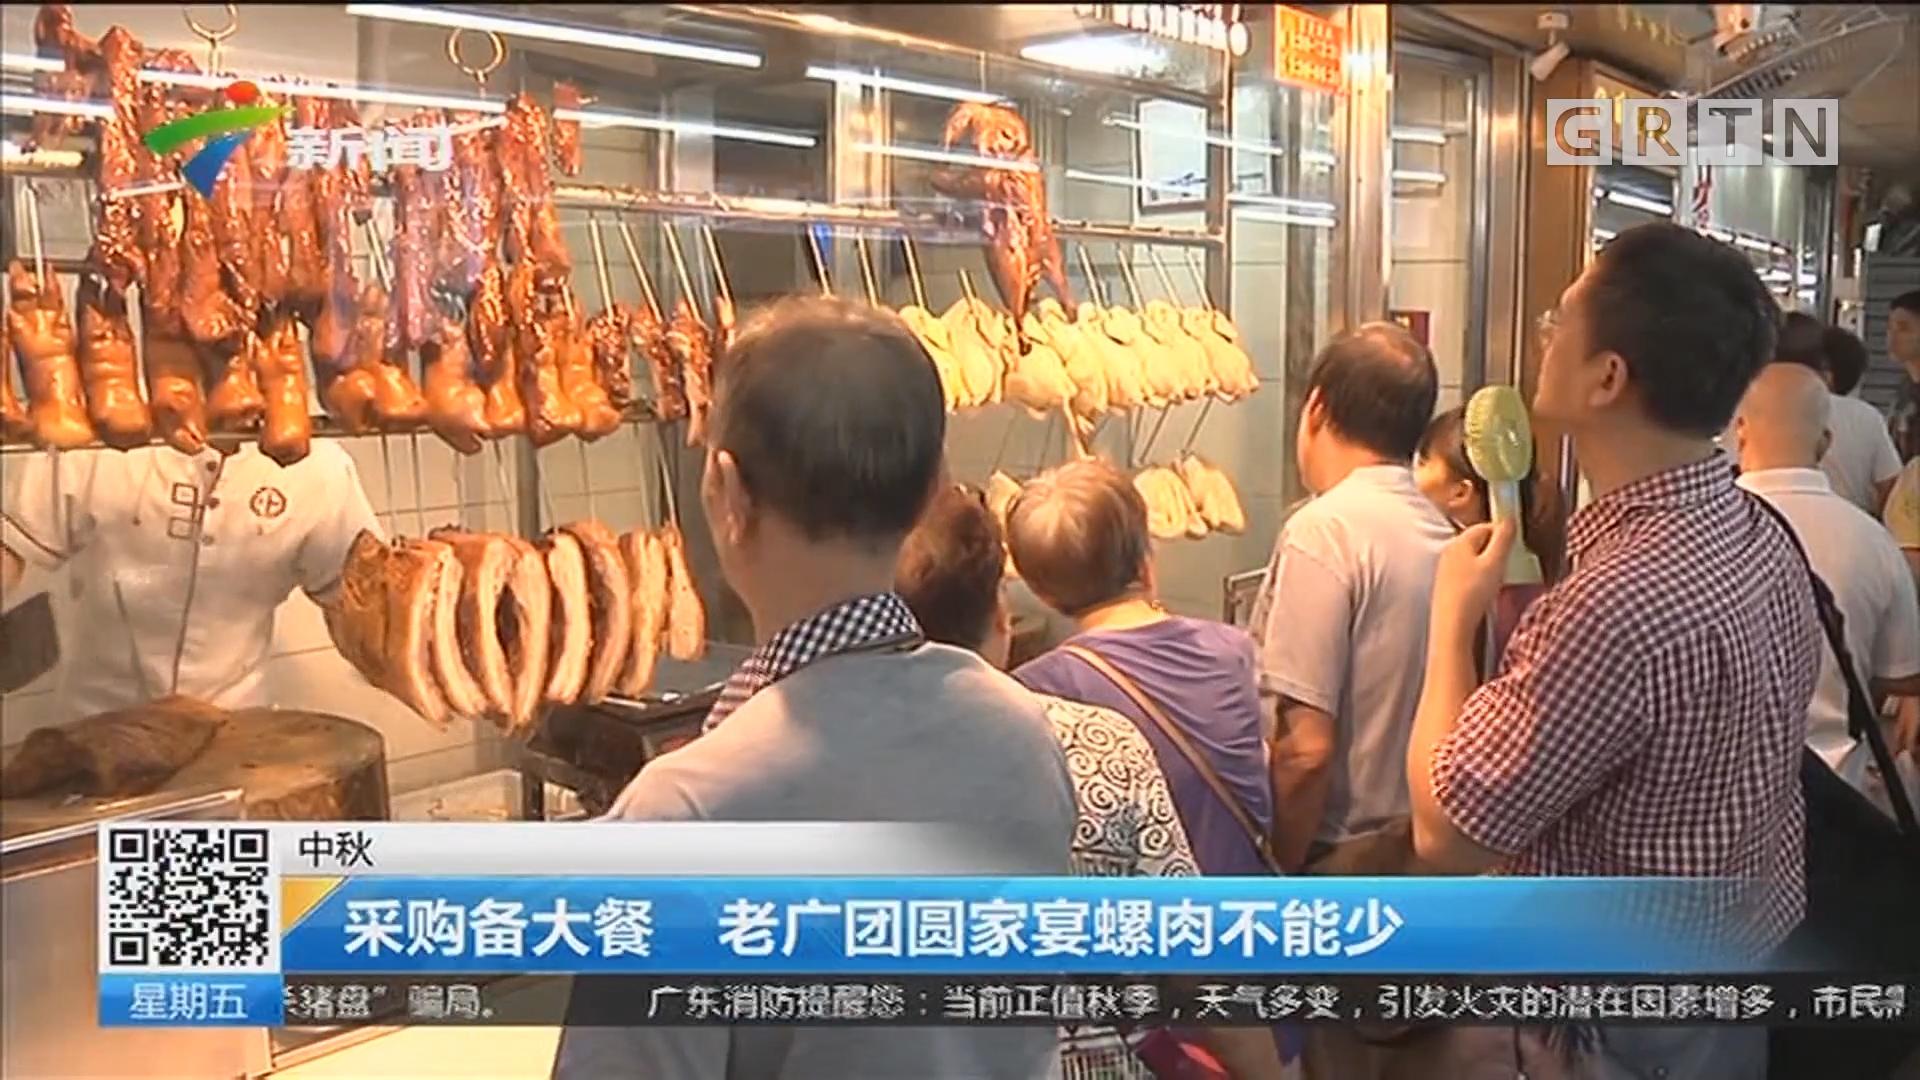 中秋:采购备大餐 老广团圆家宴螺肉不能少